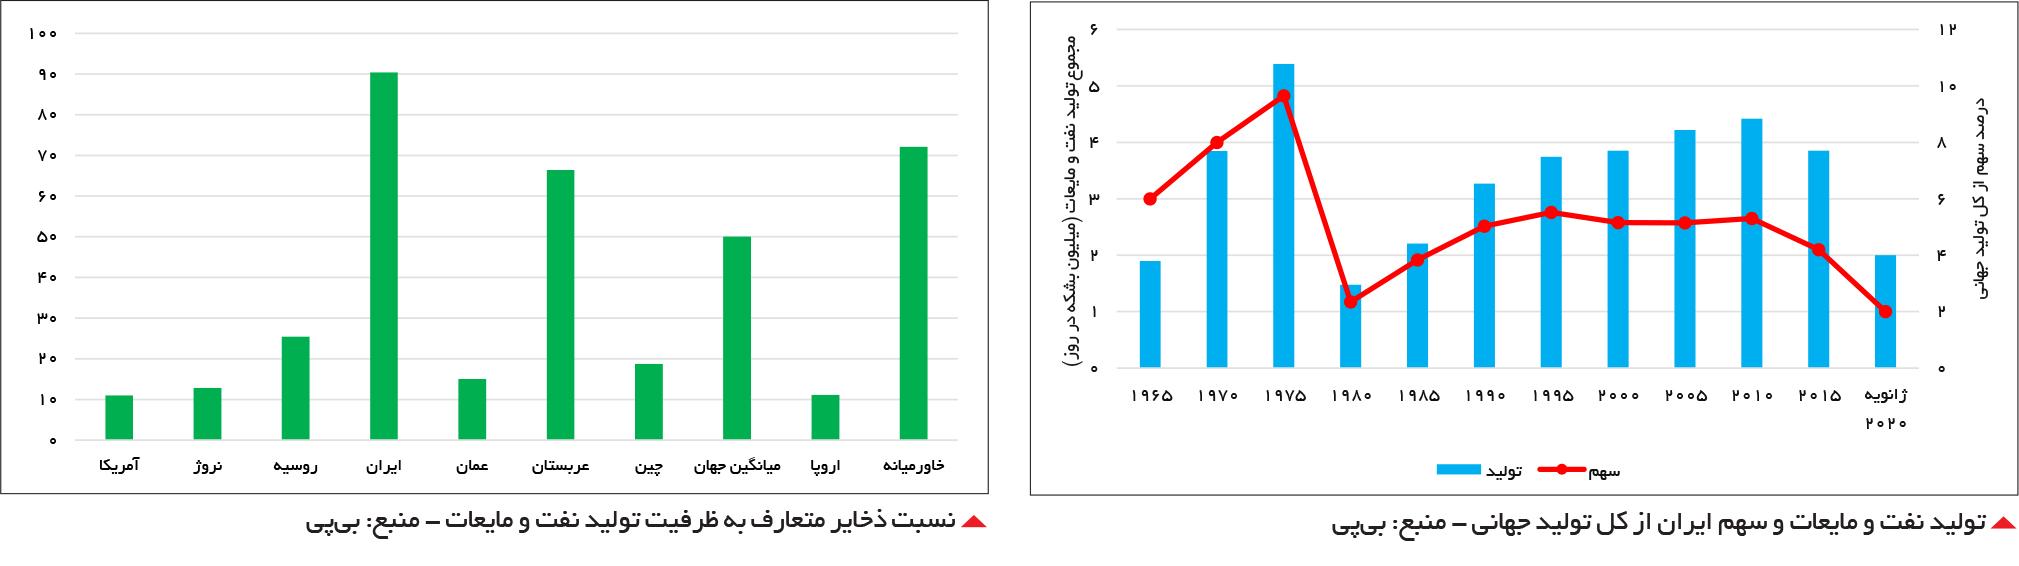 تولید نفت و مایعات و سهم ایران از کل تولید جهانی ، نسبت ذخایر متعارف به ظرفیت تولید نفت و مایعات - منبع: بیپی